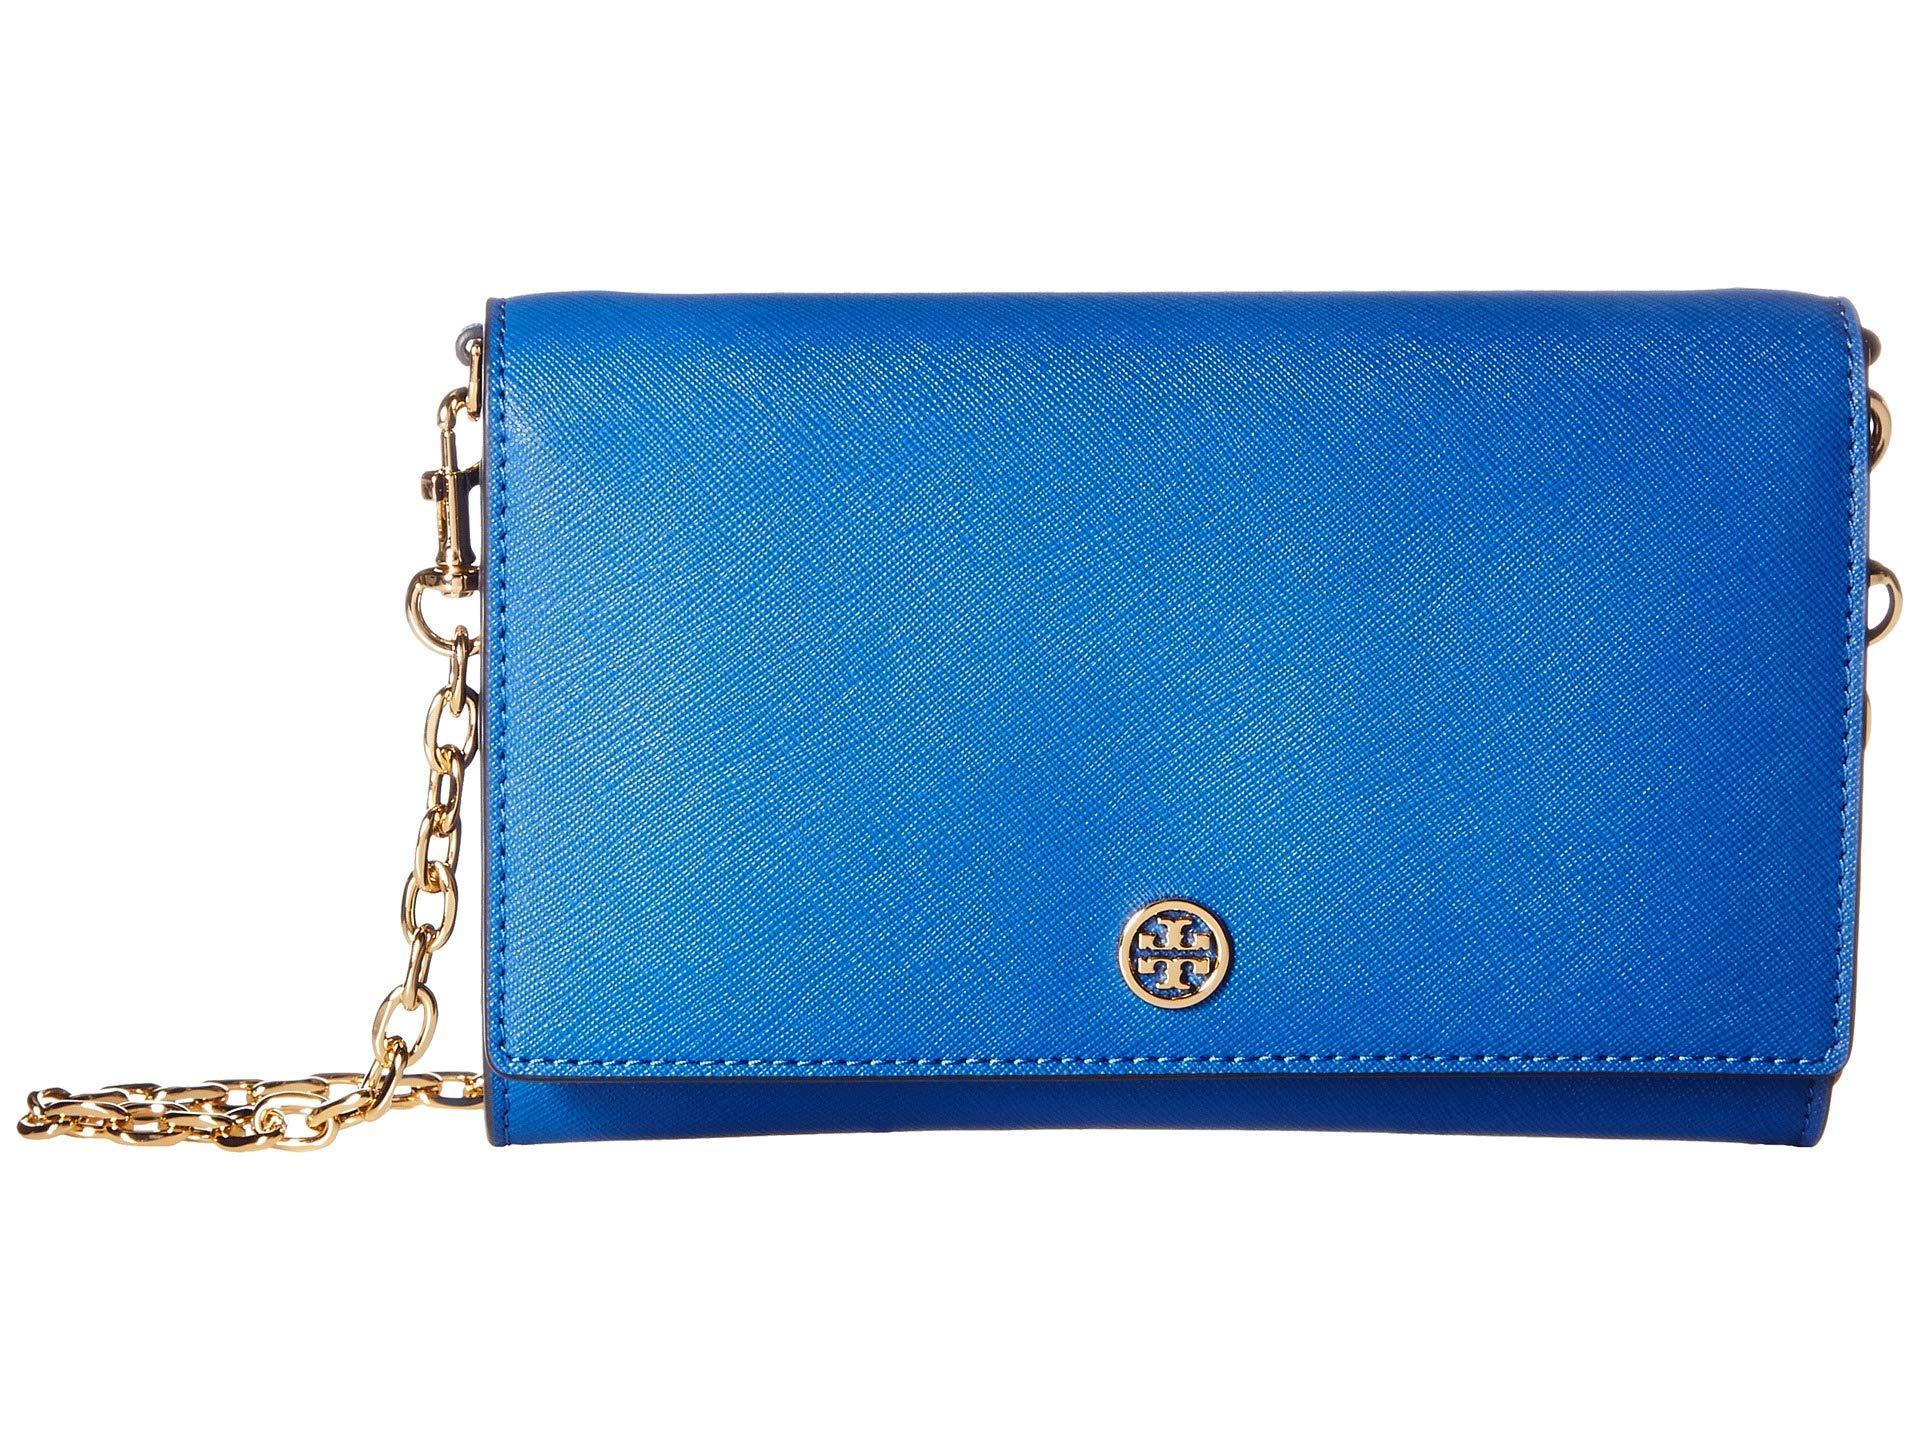 b9eb88292eba Lyst - Tory Burch Robinson Chain Wallet in Blue - Save 52%